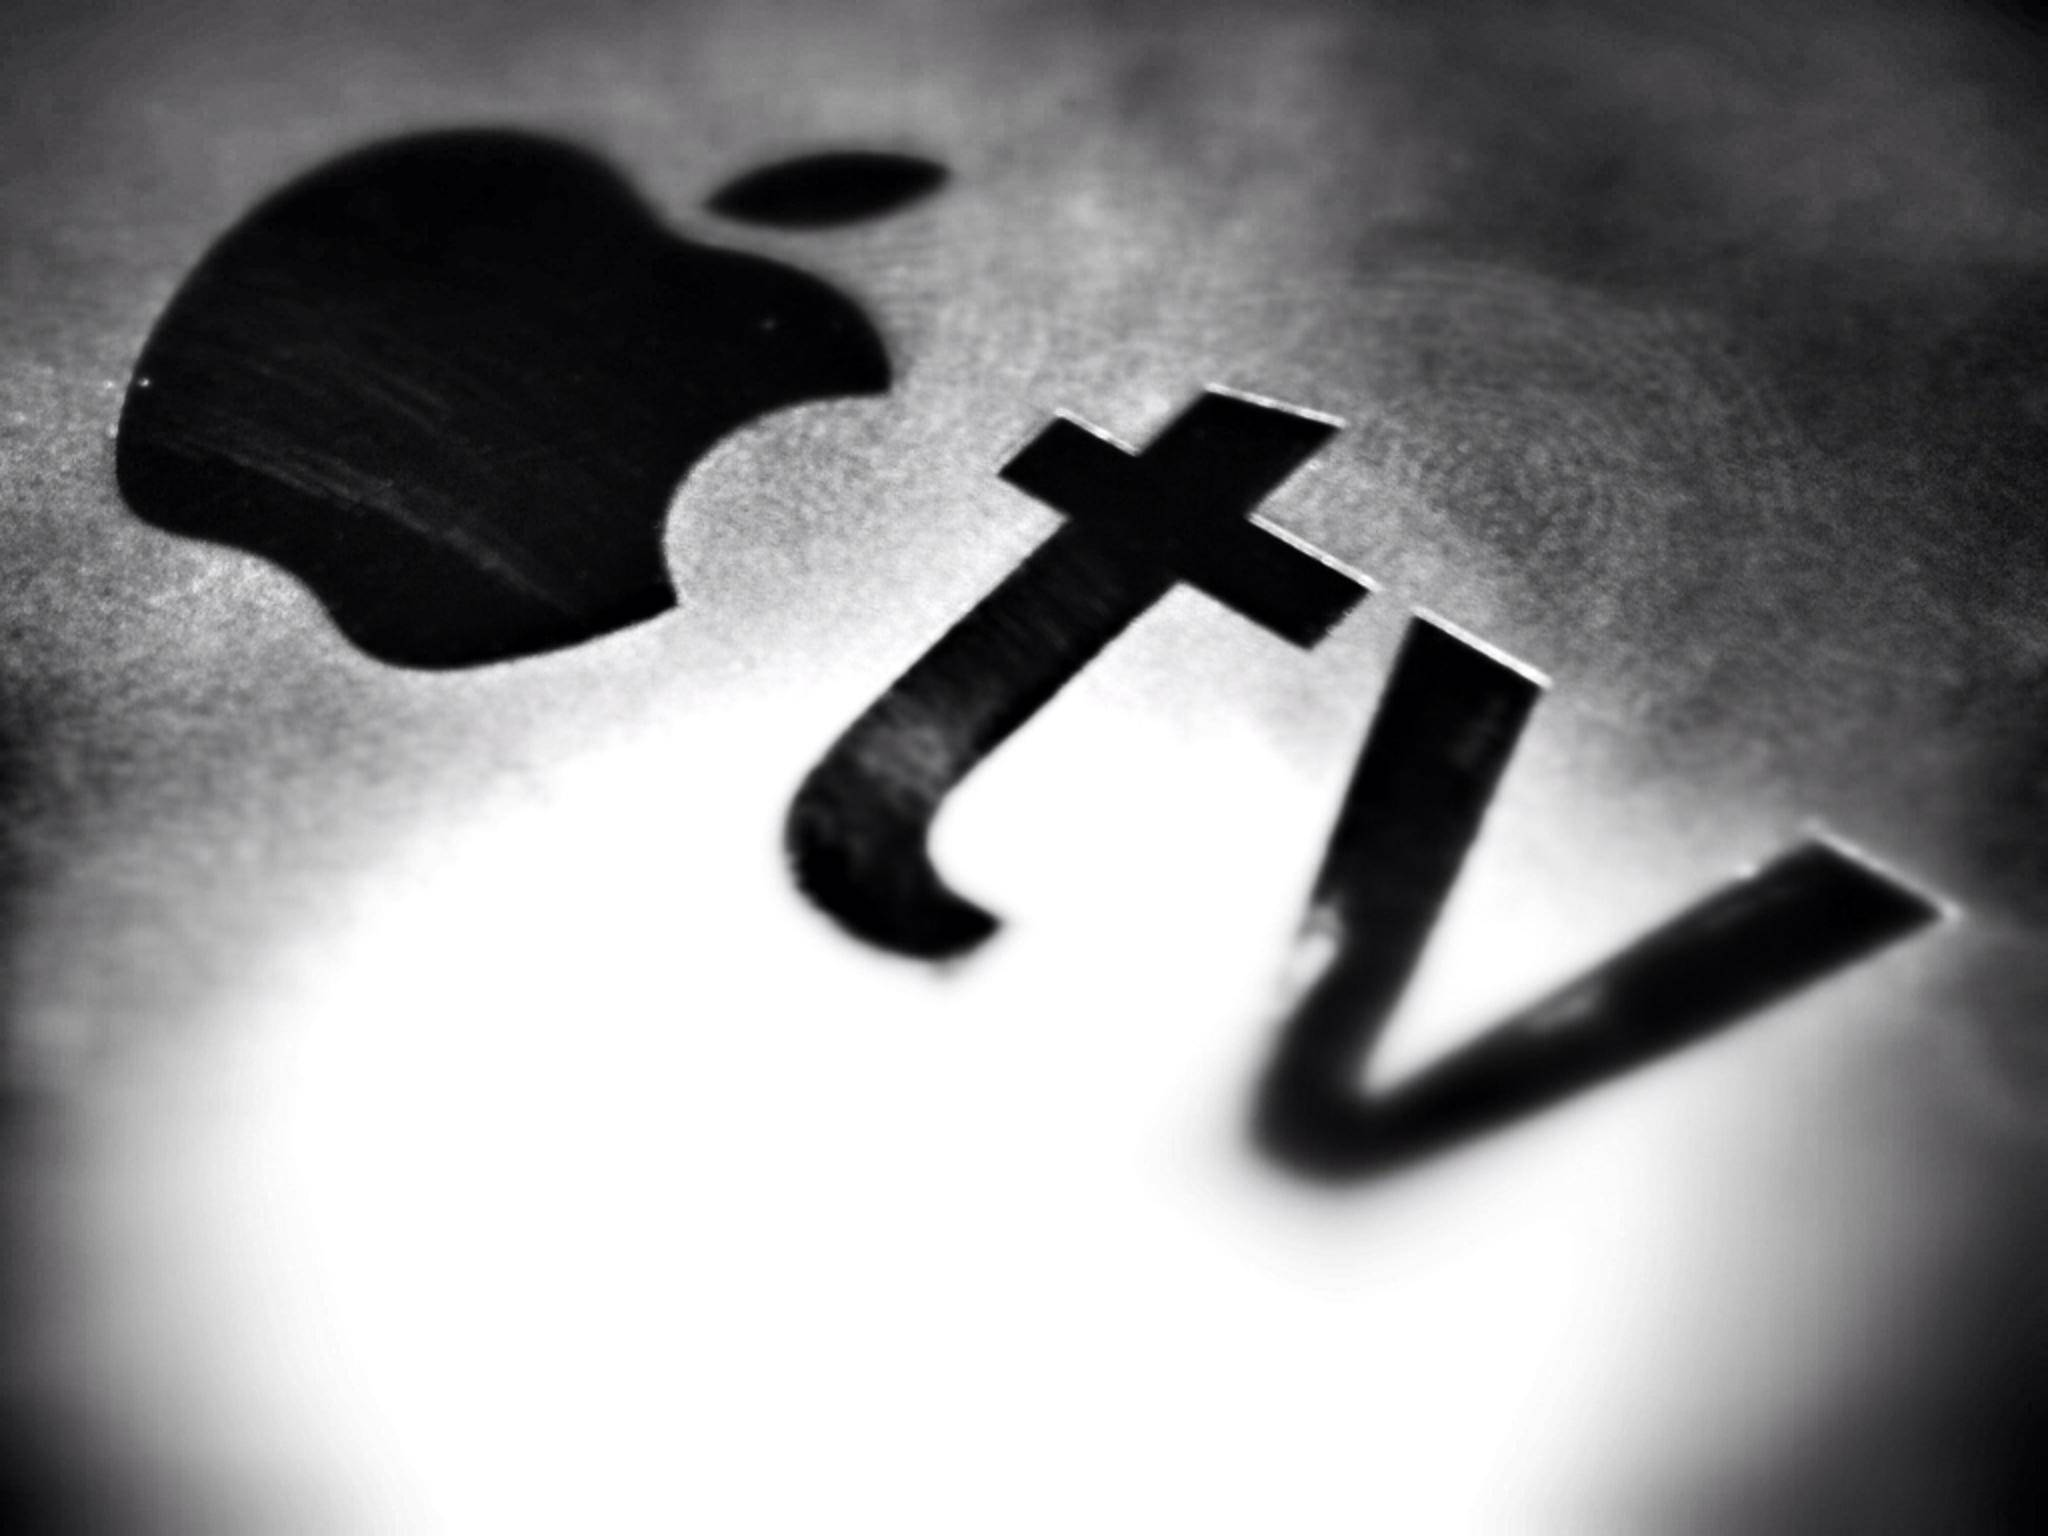 Apple TV: Wohl keine neue Hardware auf der WWDC